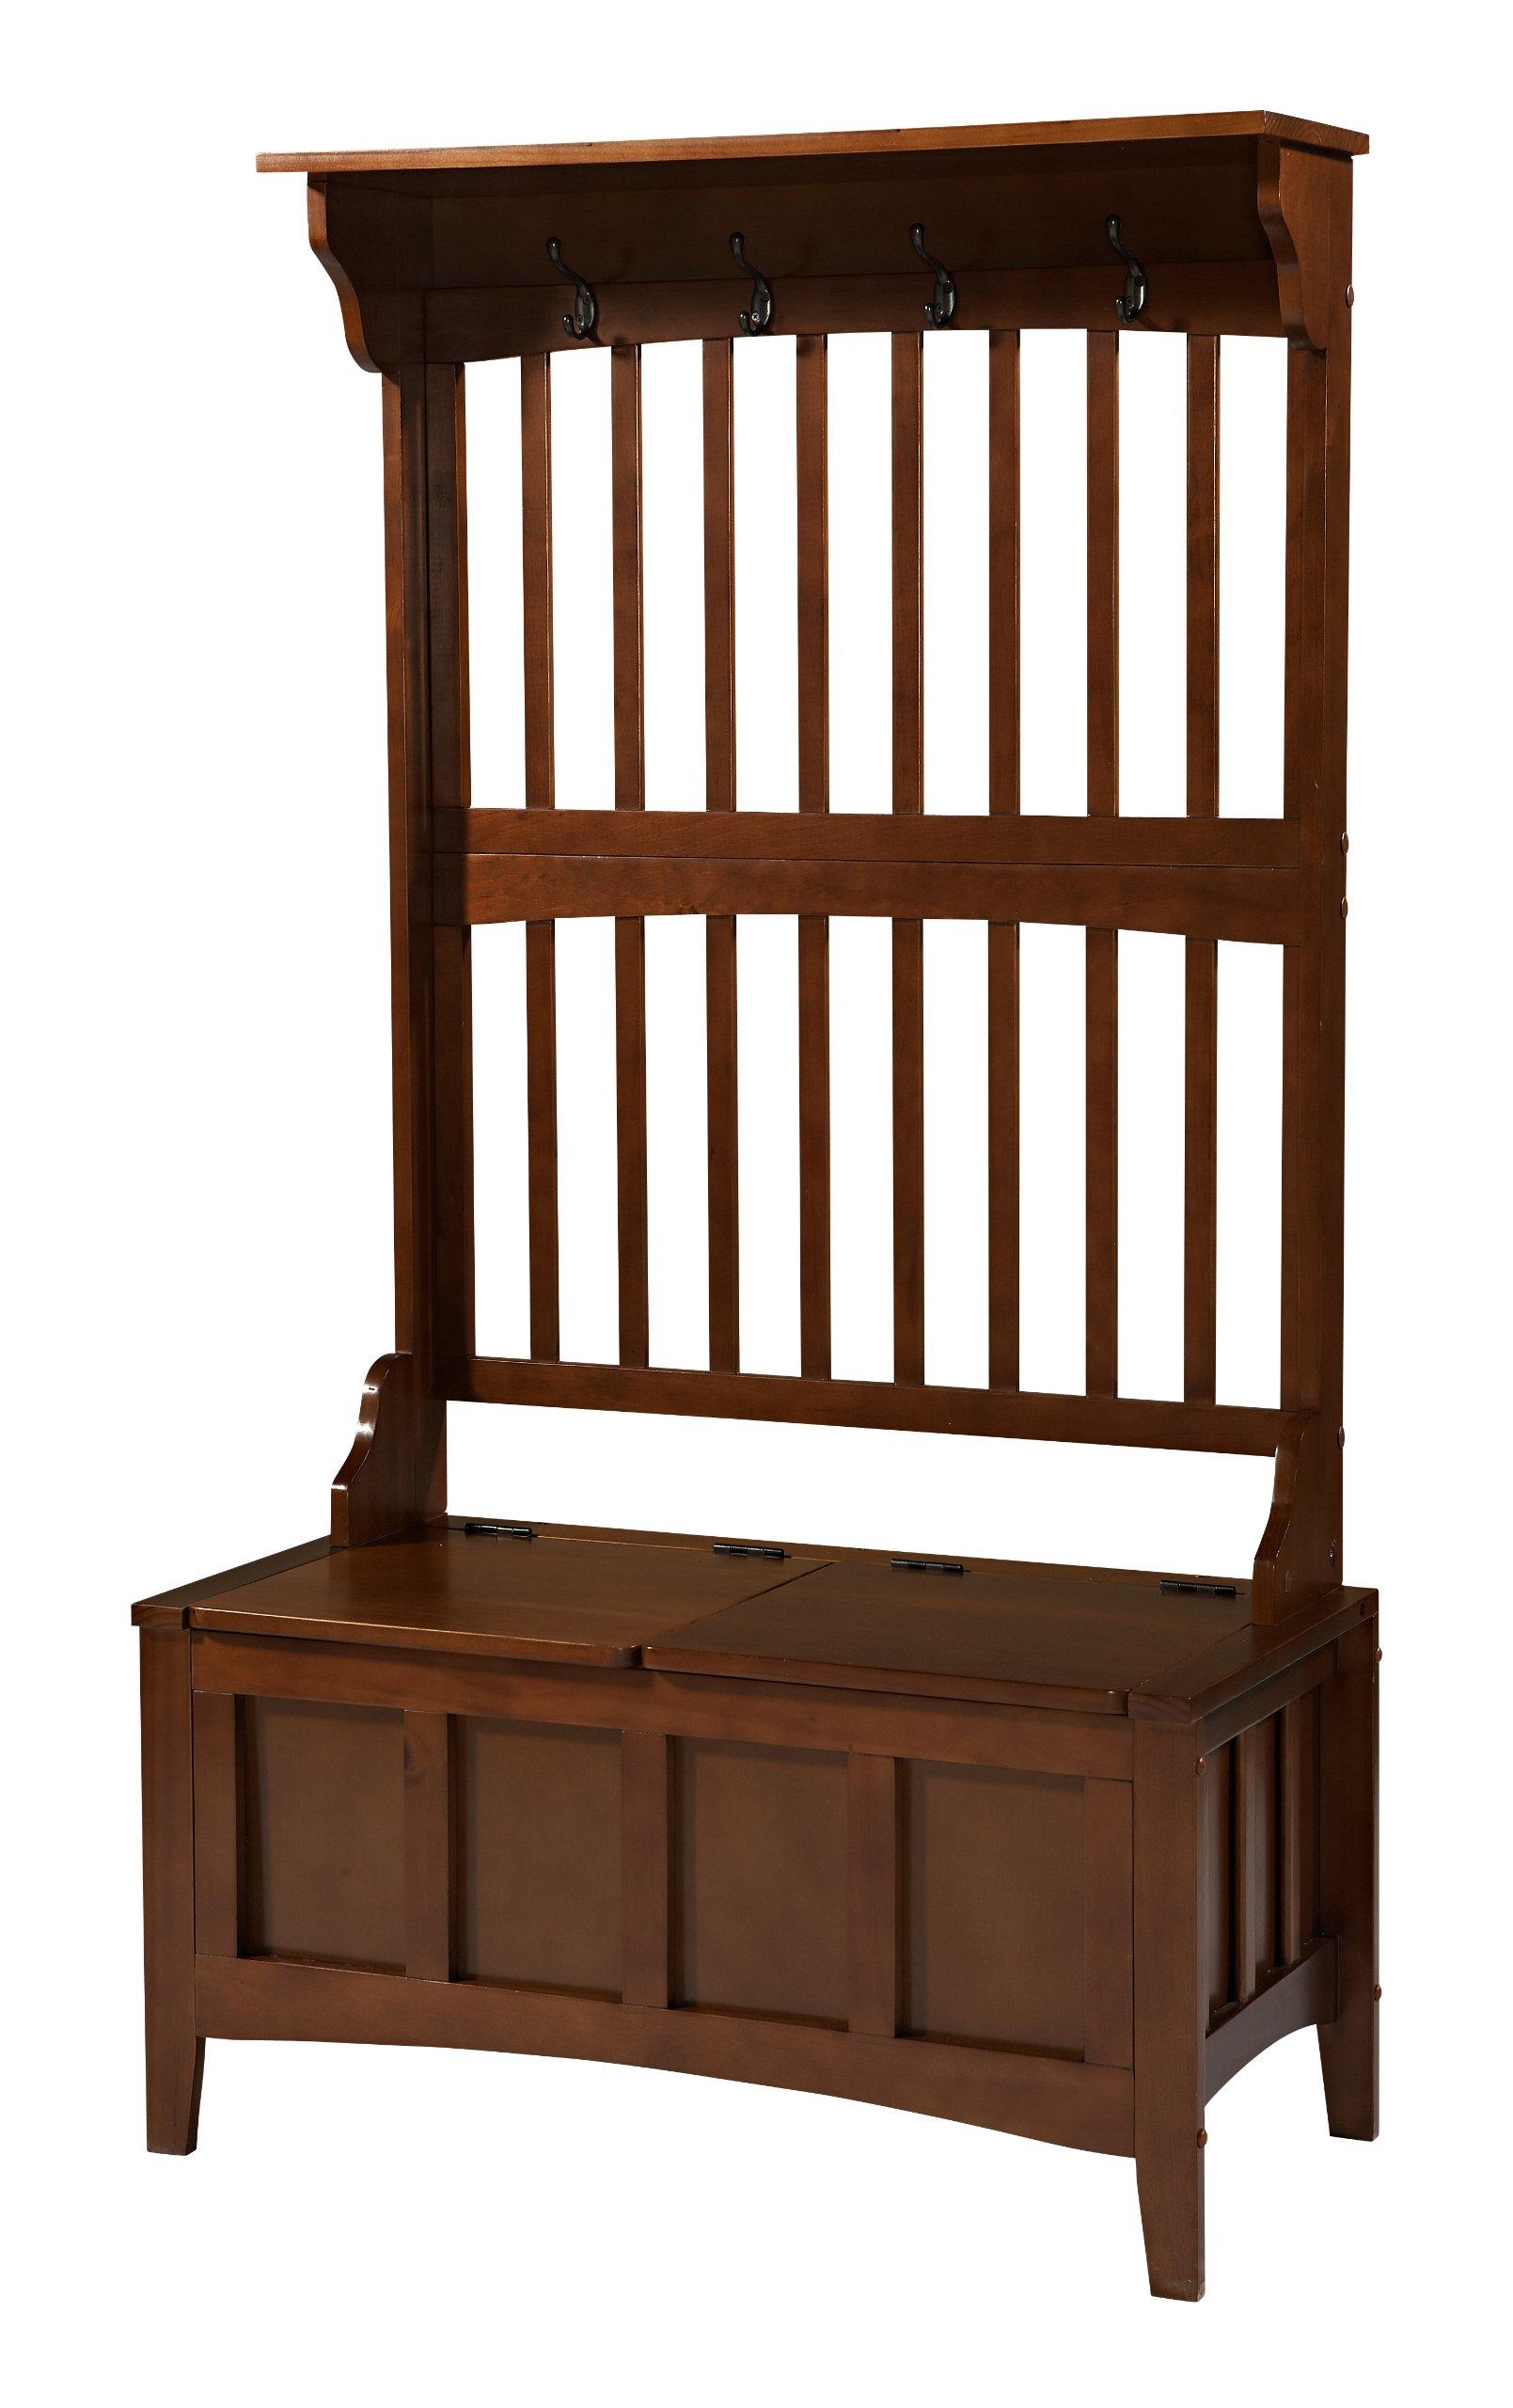 Linon 84017WALC-01-KD-U Hall Tree with Storage Bench, 36'' W x 18'' D x 64'' H, Walnut by Linon